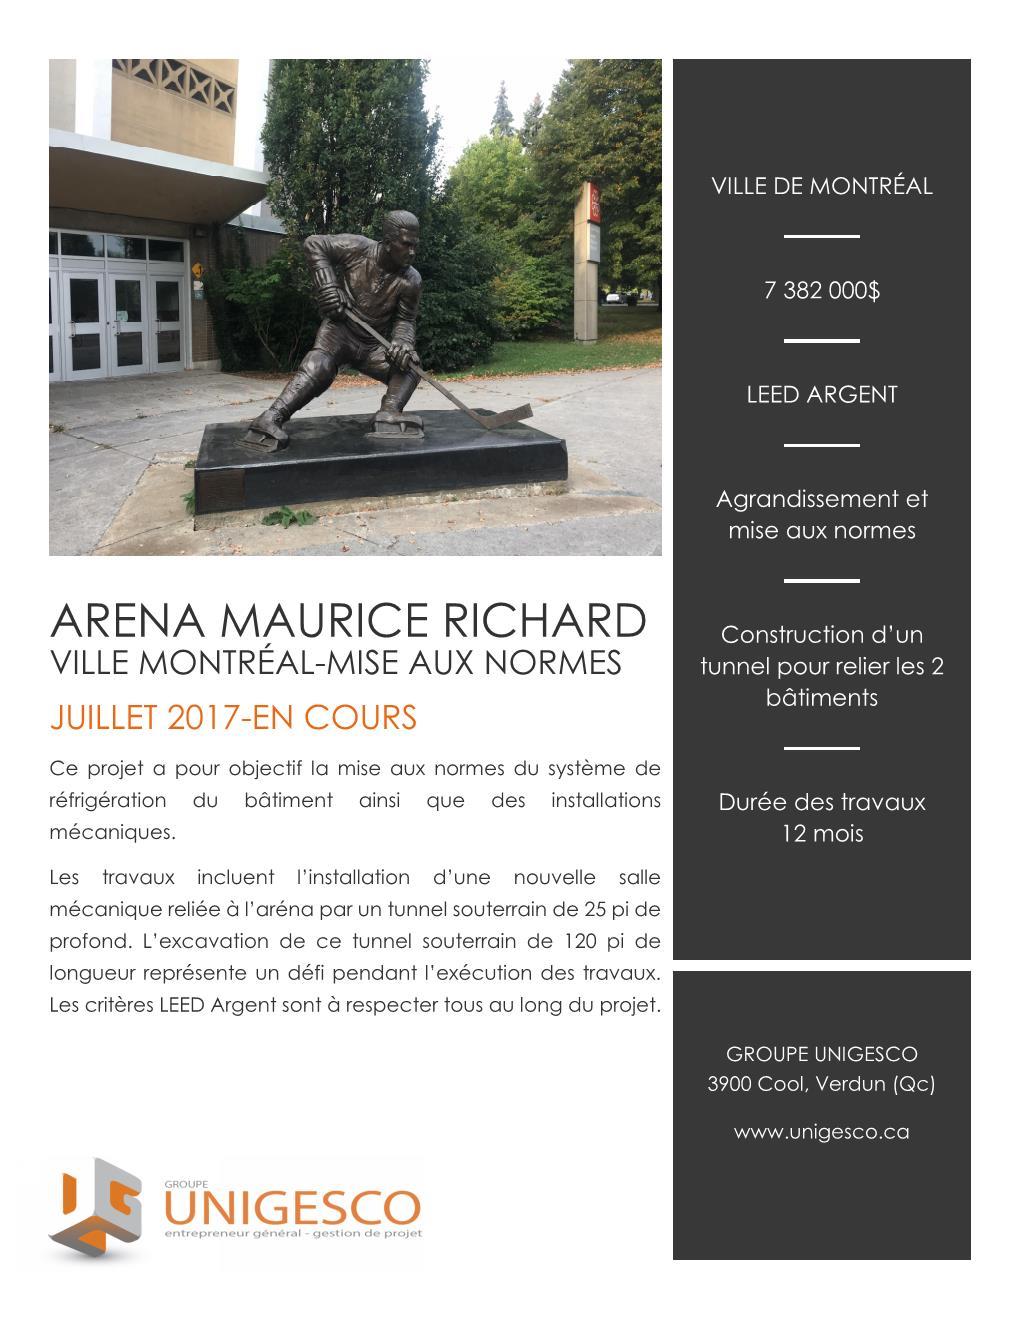 FP-UGC-ARENA MAURICE RICHARD-R03.jpg